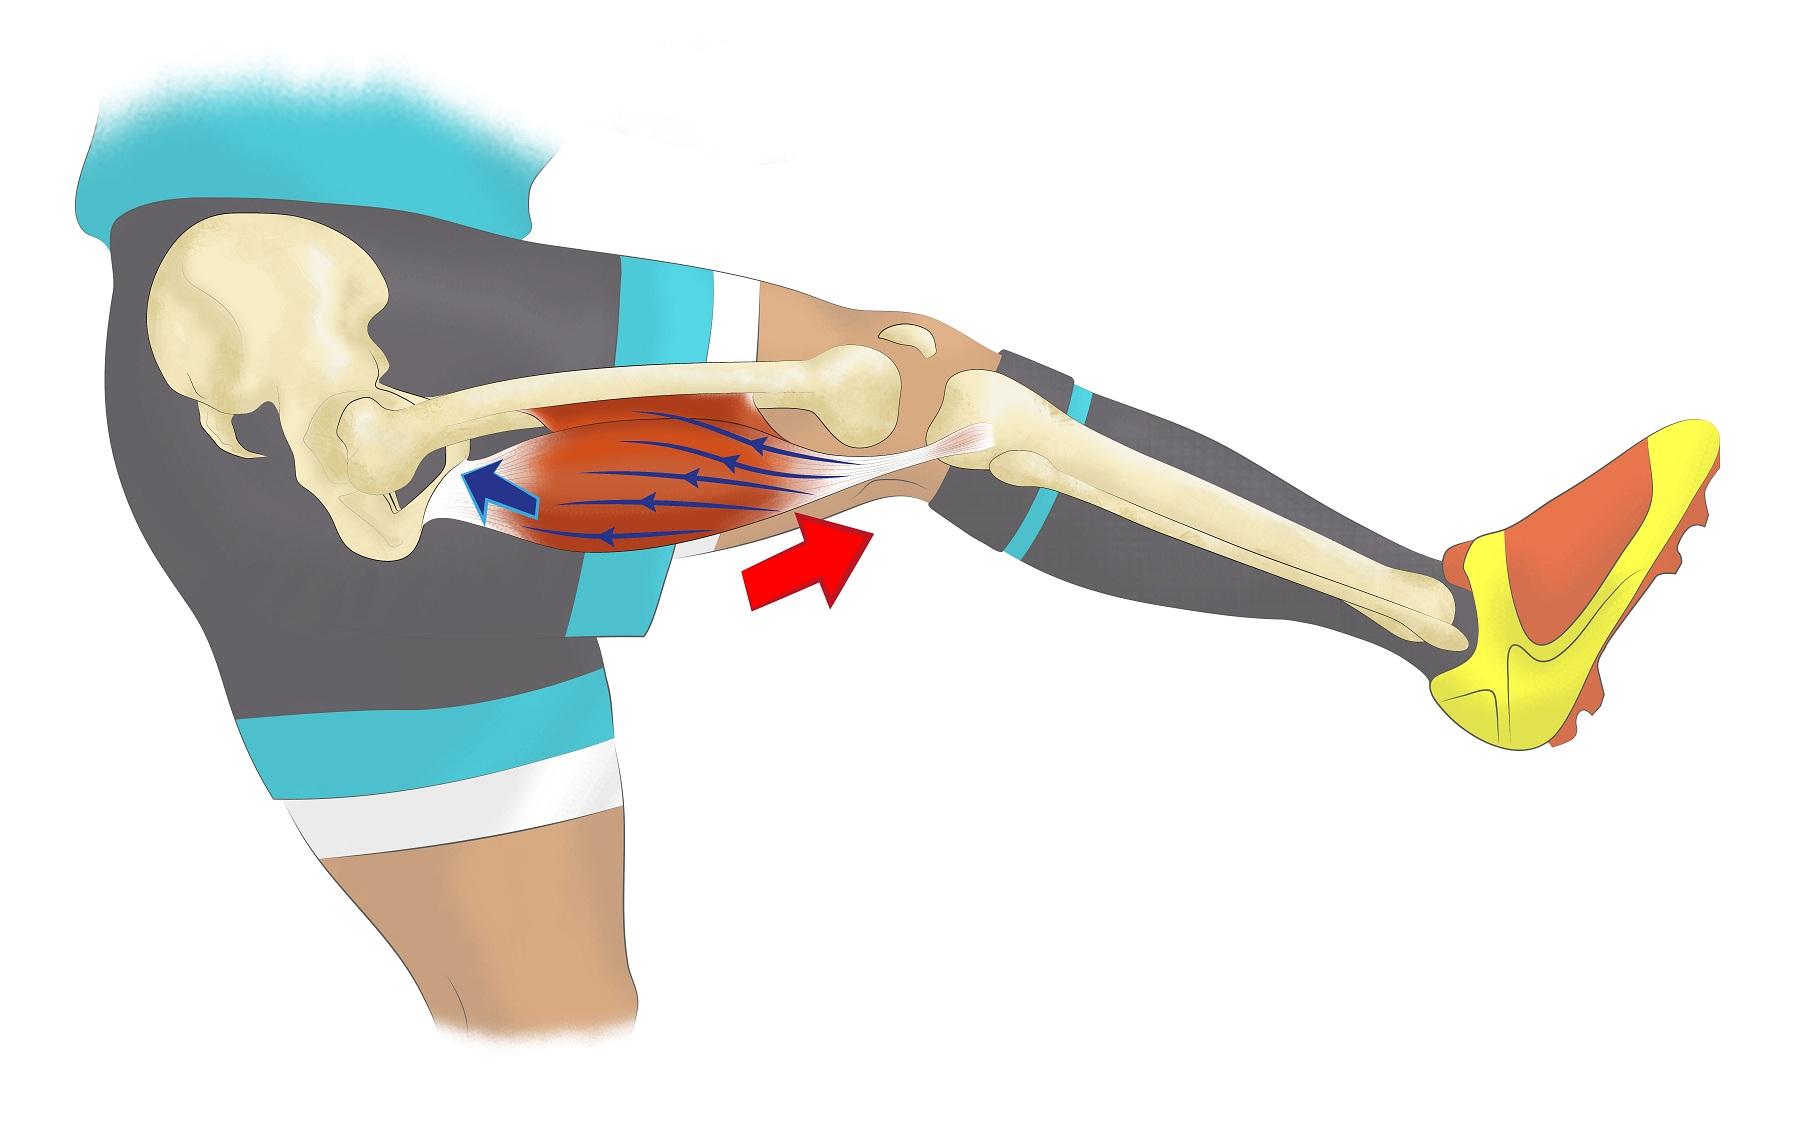 Contracture musculaire : qu'est-ce que c'est ?